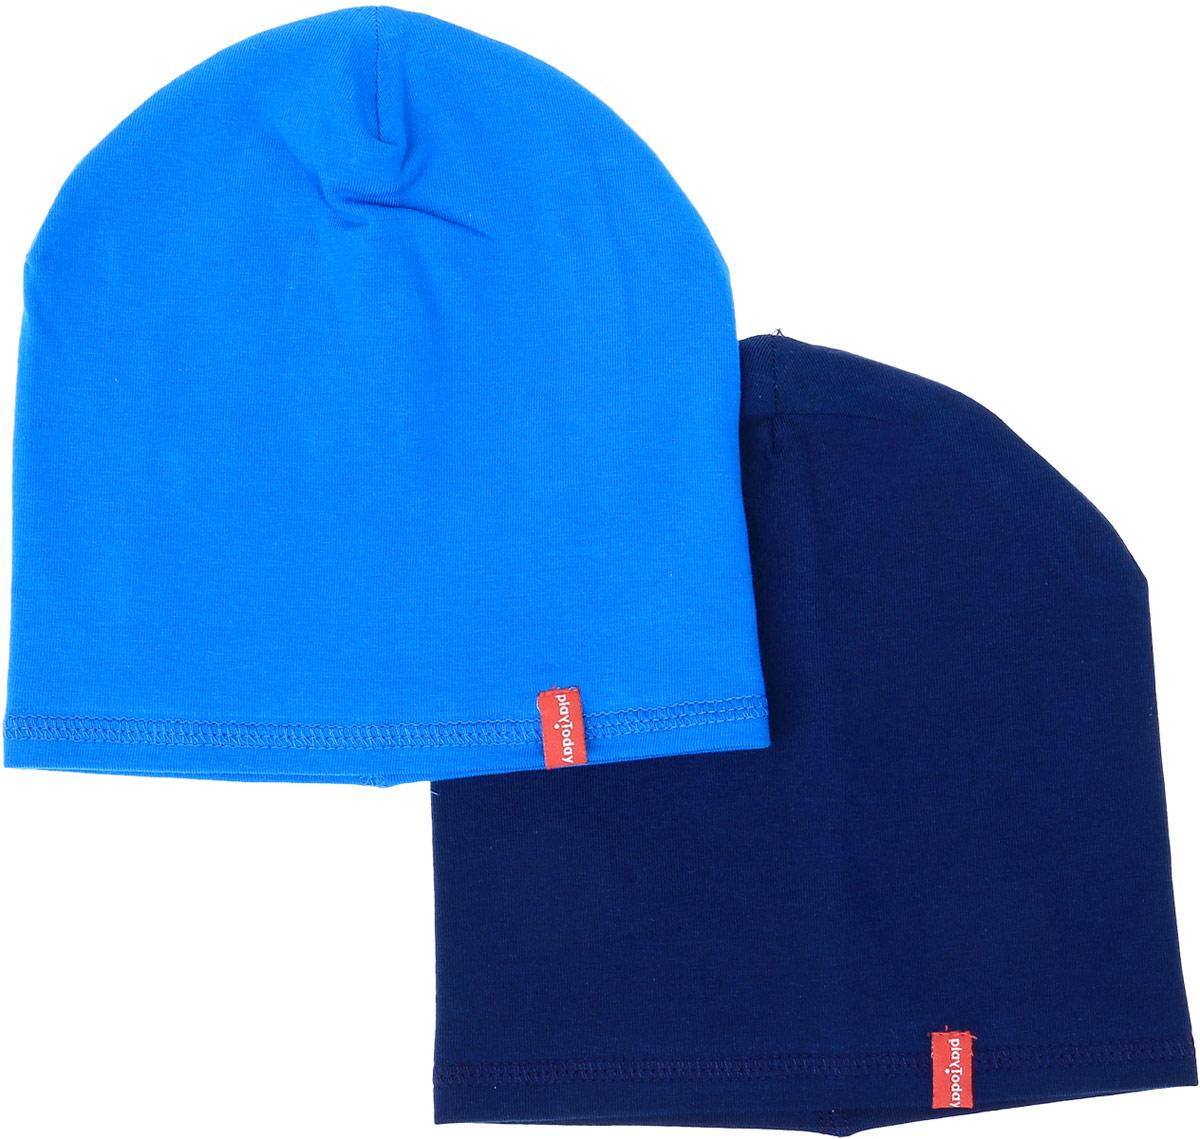 Шапка для мальчика PlayToday, цвет: темно-синий, голубой, 2 шт. 377043. Размер 46377043Шапки PlayToday из трикотажа - отличное решение для прогулок в прохладную погоду. Модели без завязок, плотно прилегают к голове, комфортны при носке.В комплекте 2 шапки.